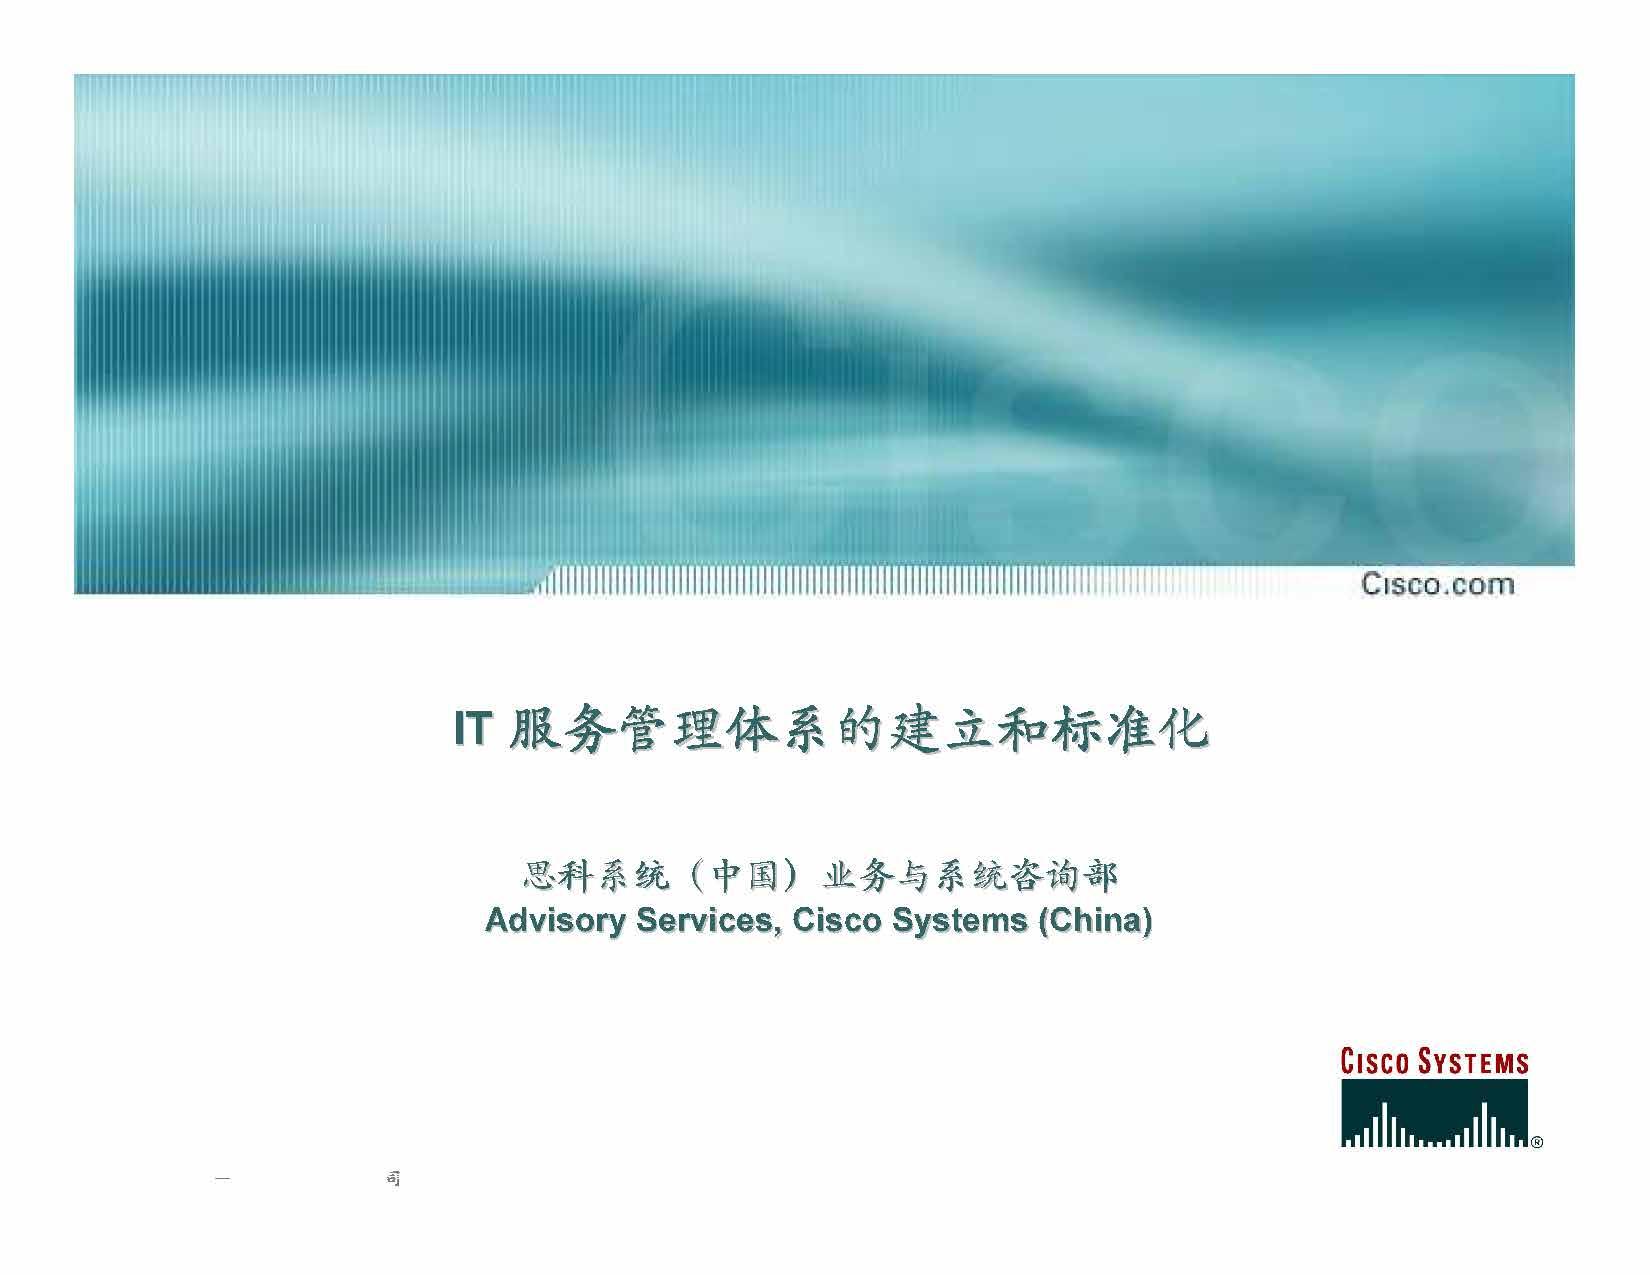 思科-IT服务管理体系建立与标准化